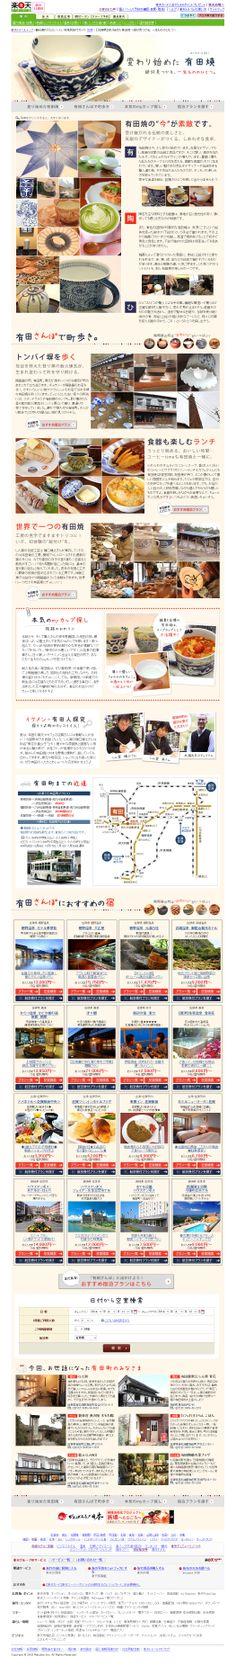 【旅頃】佐賀県・有田町特集※広告案件 格子状 ベージュ http://travel.rakuten.co.jp/movement/saga/201202/